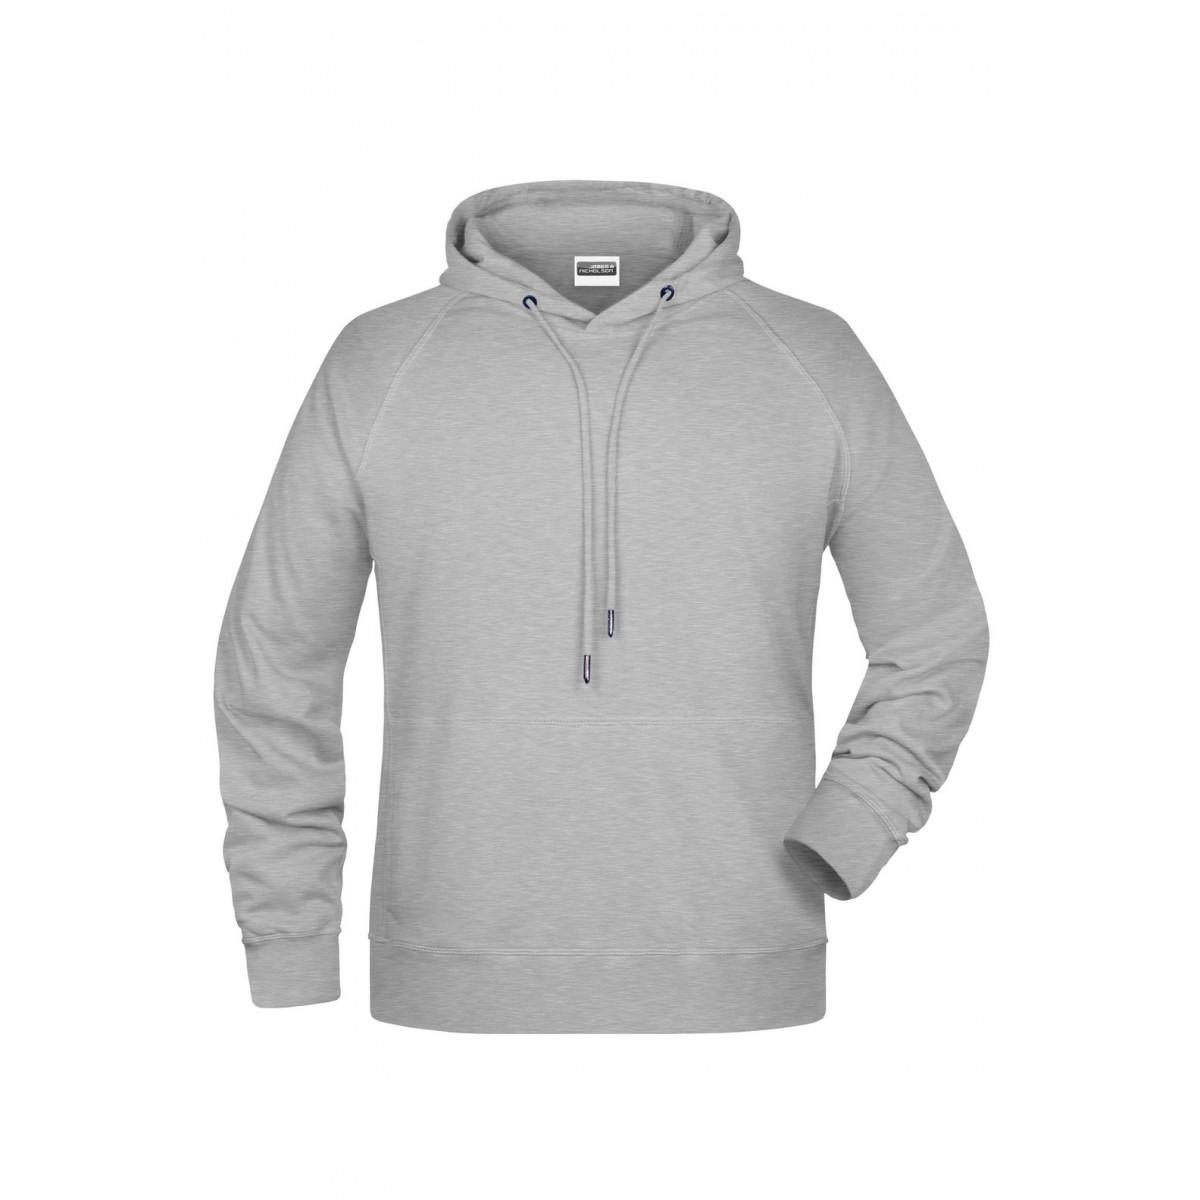 Толстовка мужская 8024 Mens Hoody - Серый меланж